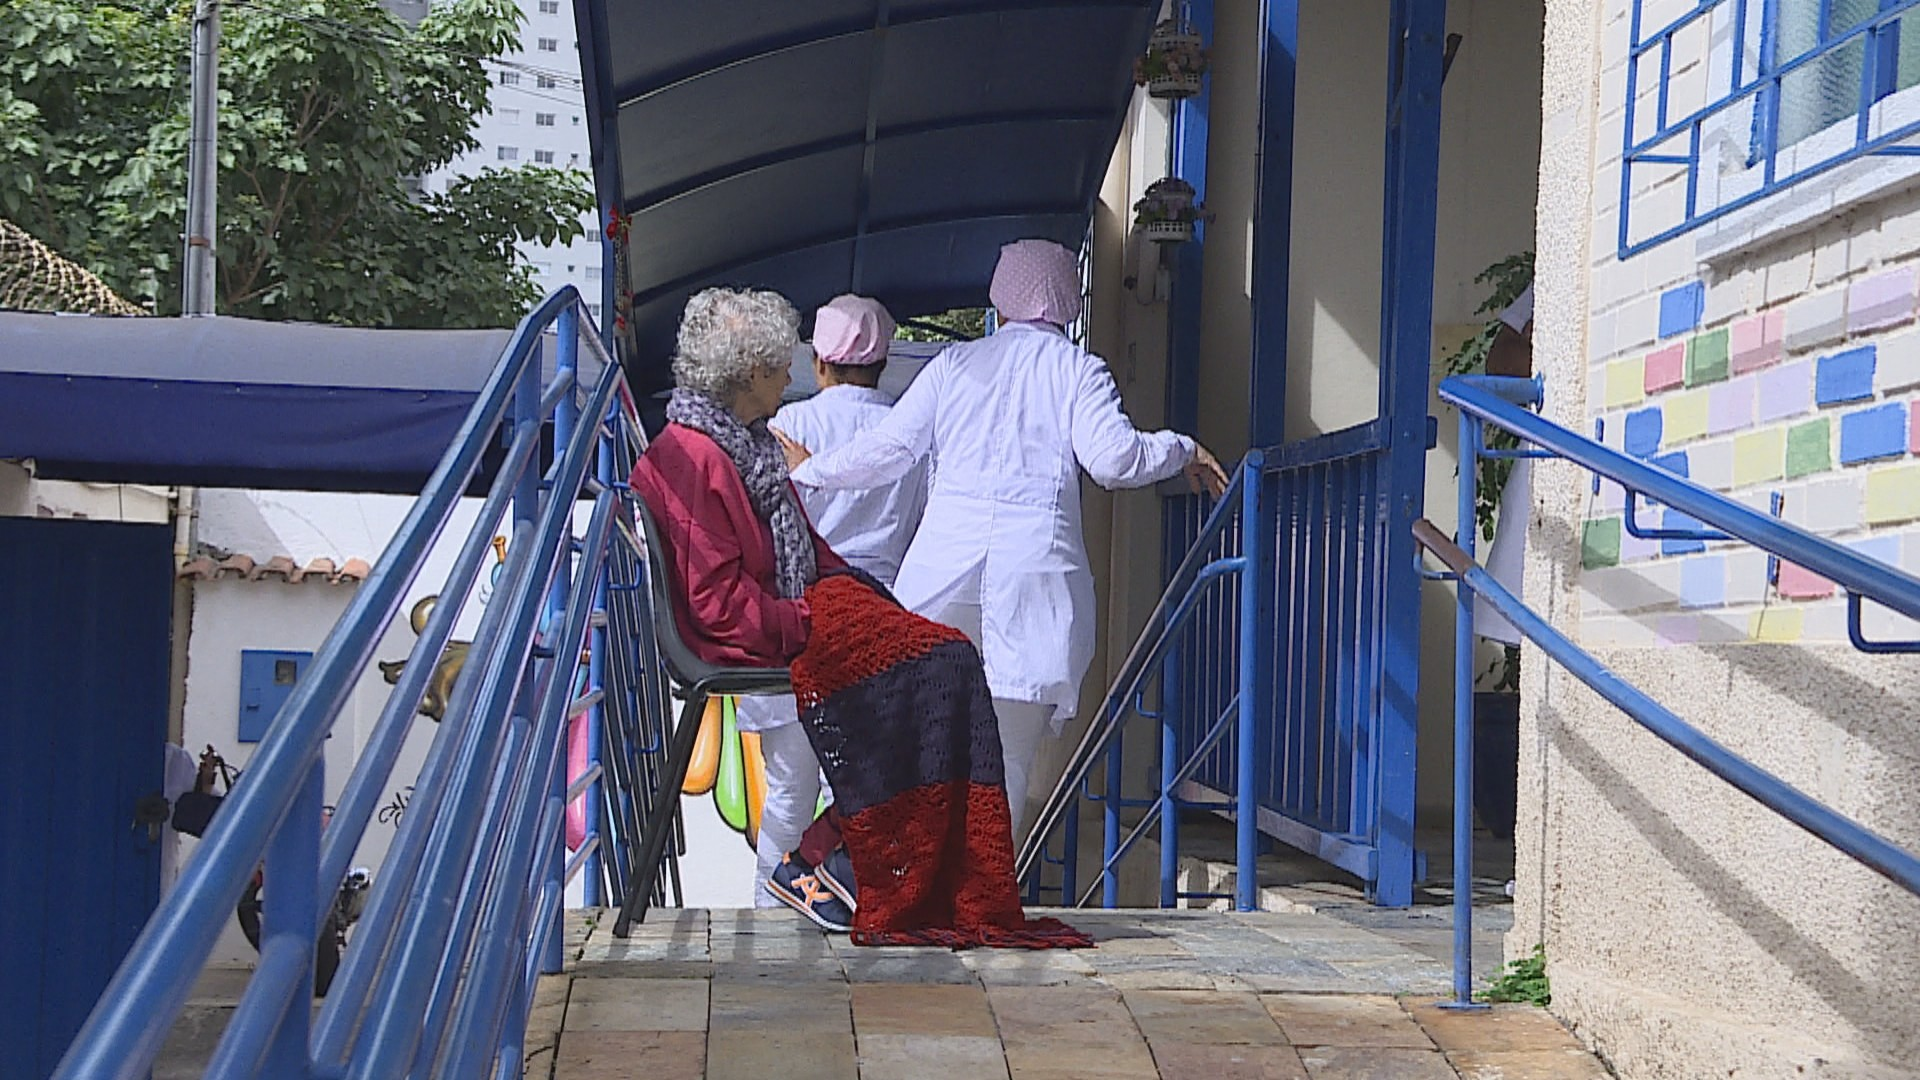 Coronavírus: MP recomenda restrição de visitas e intensificação de higienização em asilos em Minas